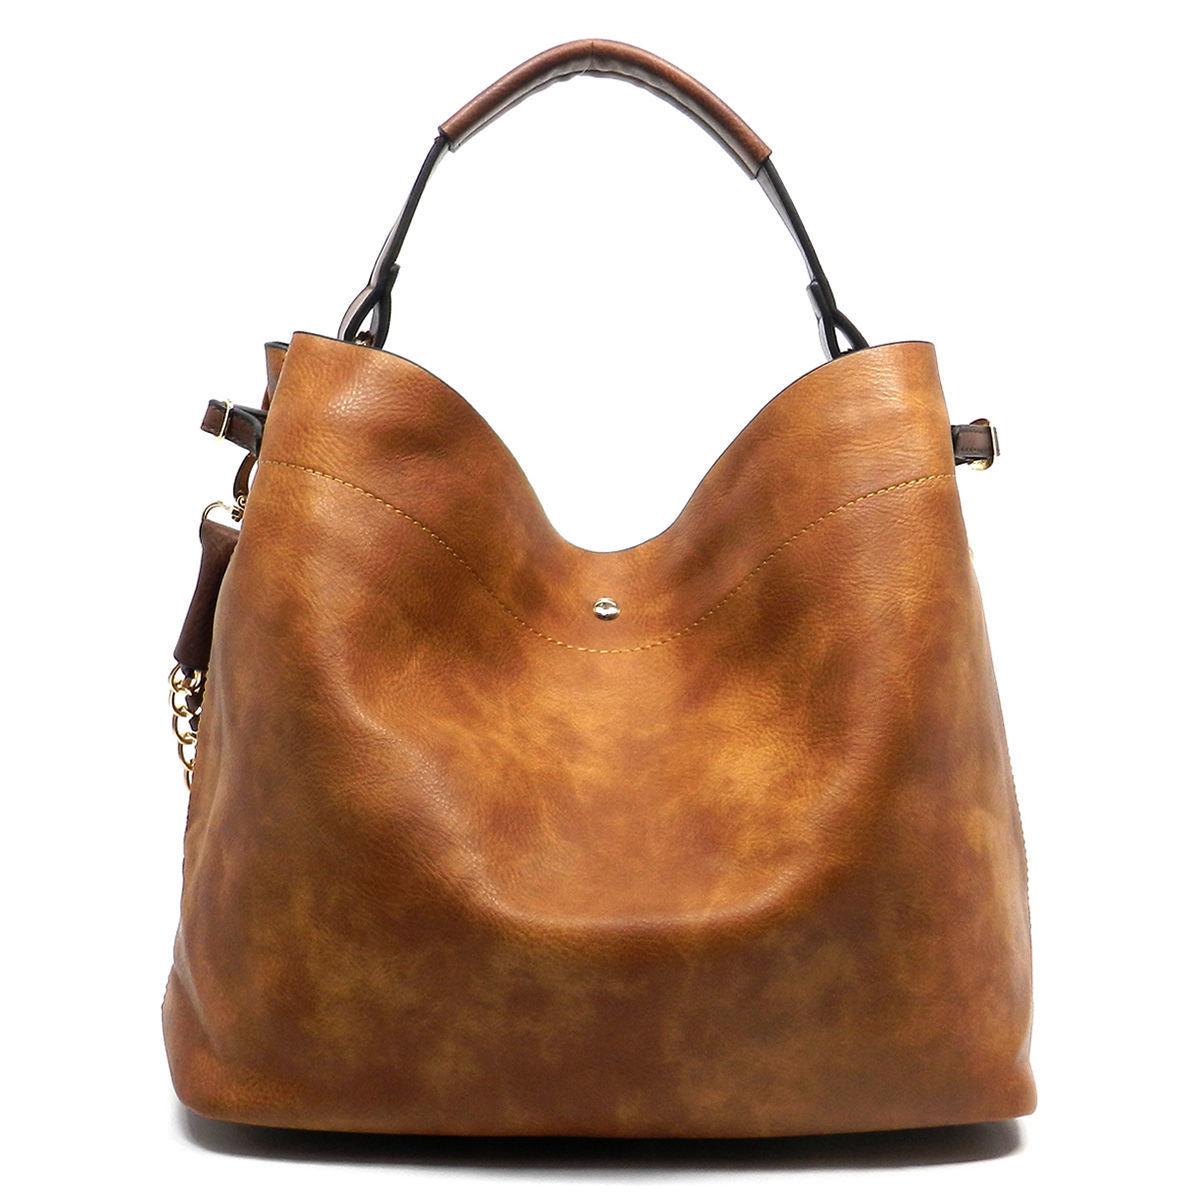 26e27ae105e2 Handbag Republic® 2-Strap Fringe Hobo w  Removable Interior Pouch- Blush